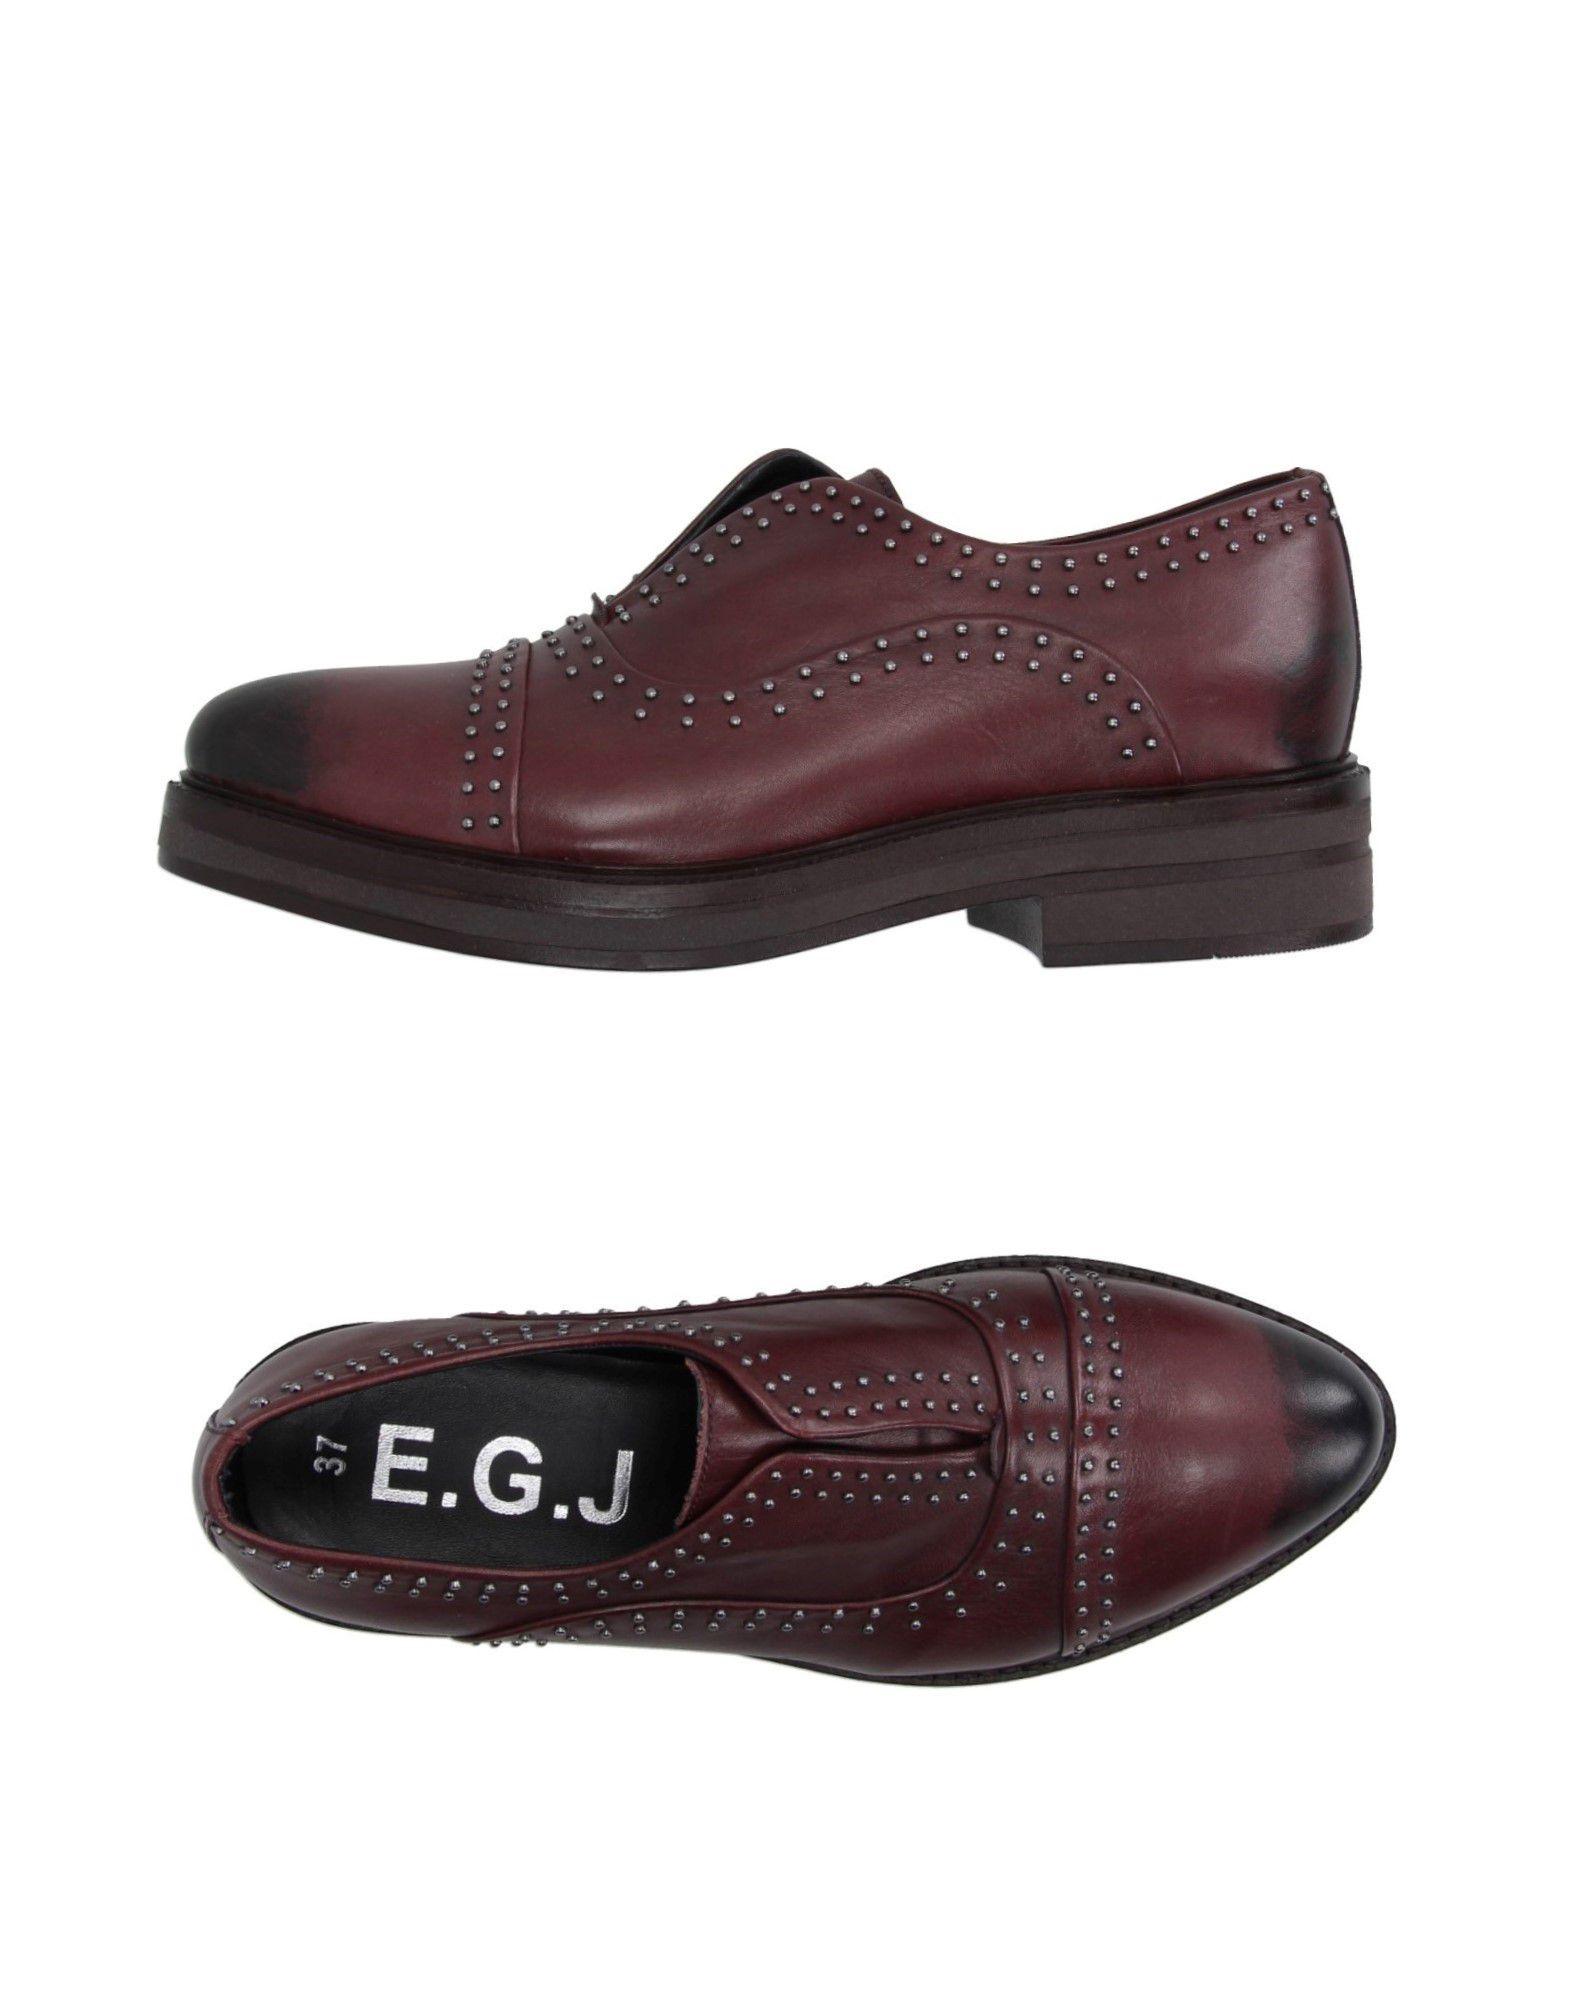 E.G.J. Gute Mokassins Damen  11011686HE Gute E.G.J. Qualität beliebte Schuhe 1ae02c